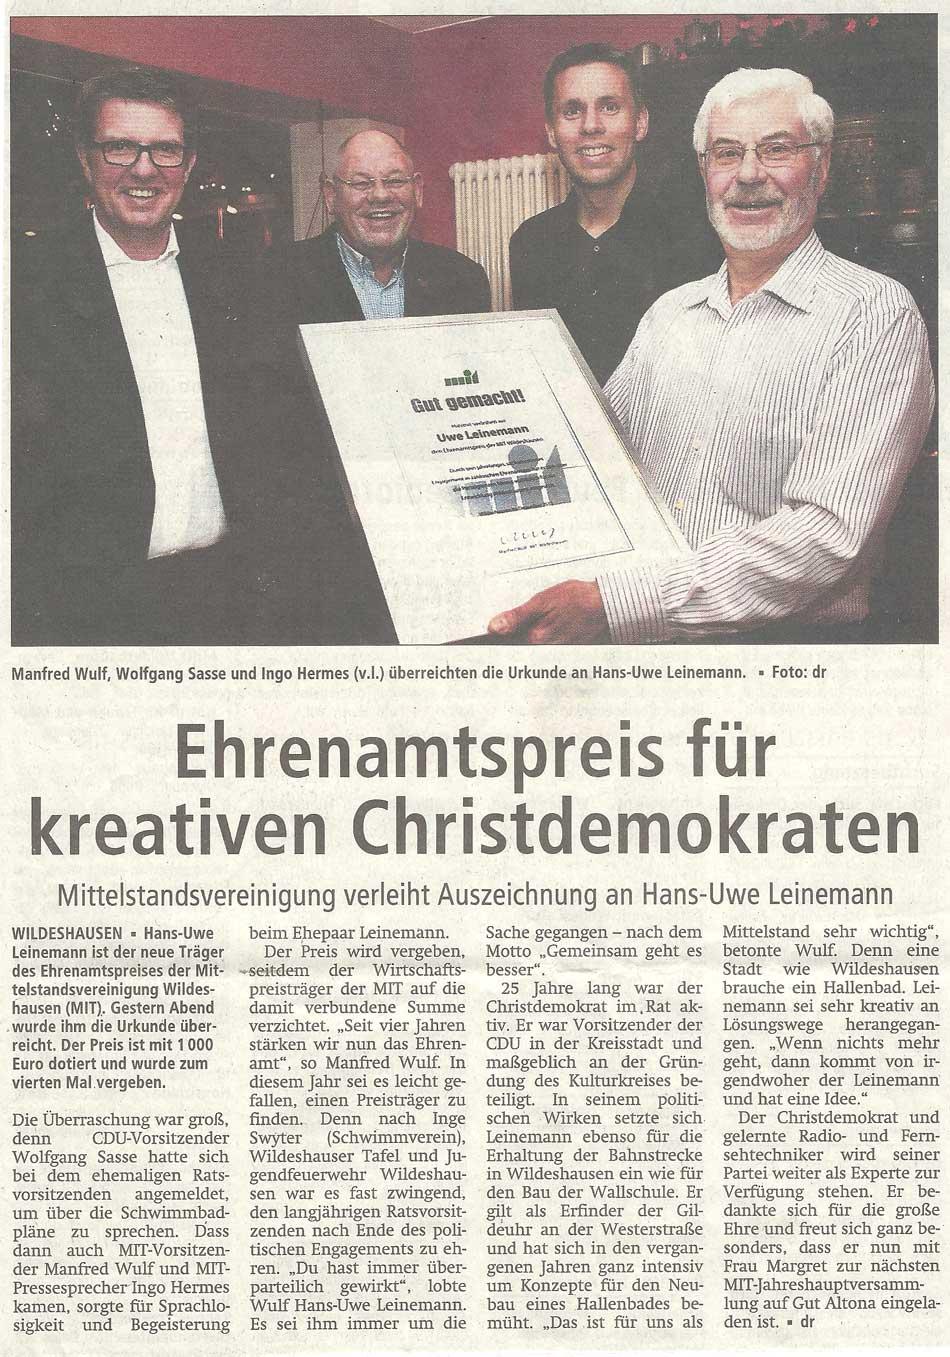 Ehrenamtspreis für kreativen ChristdemokratenMittelstandsvereinigung verleiht Auszeichnung an Hans-Uwe LeinemannArtikel vom 13.12.2011 (WZ)